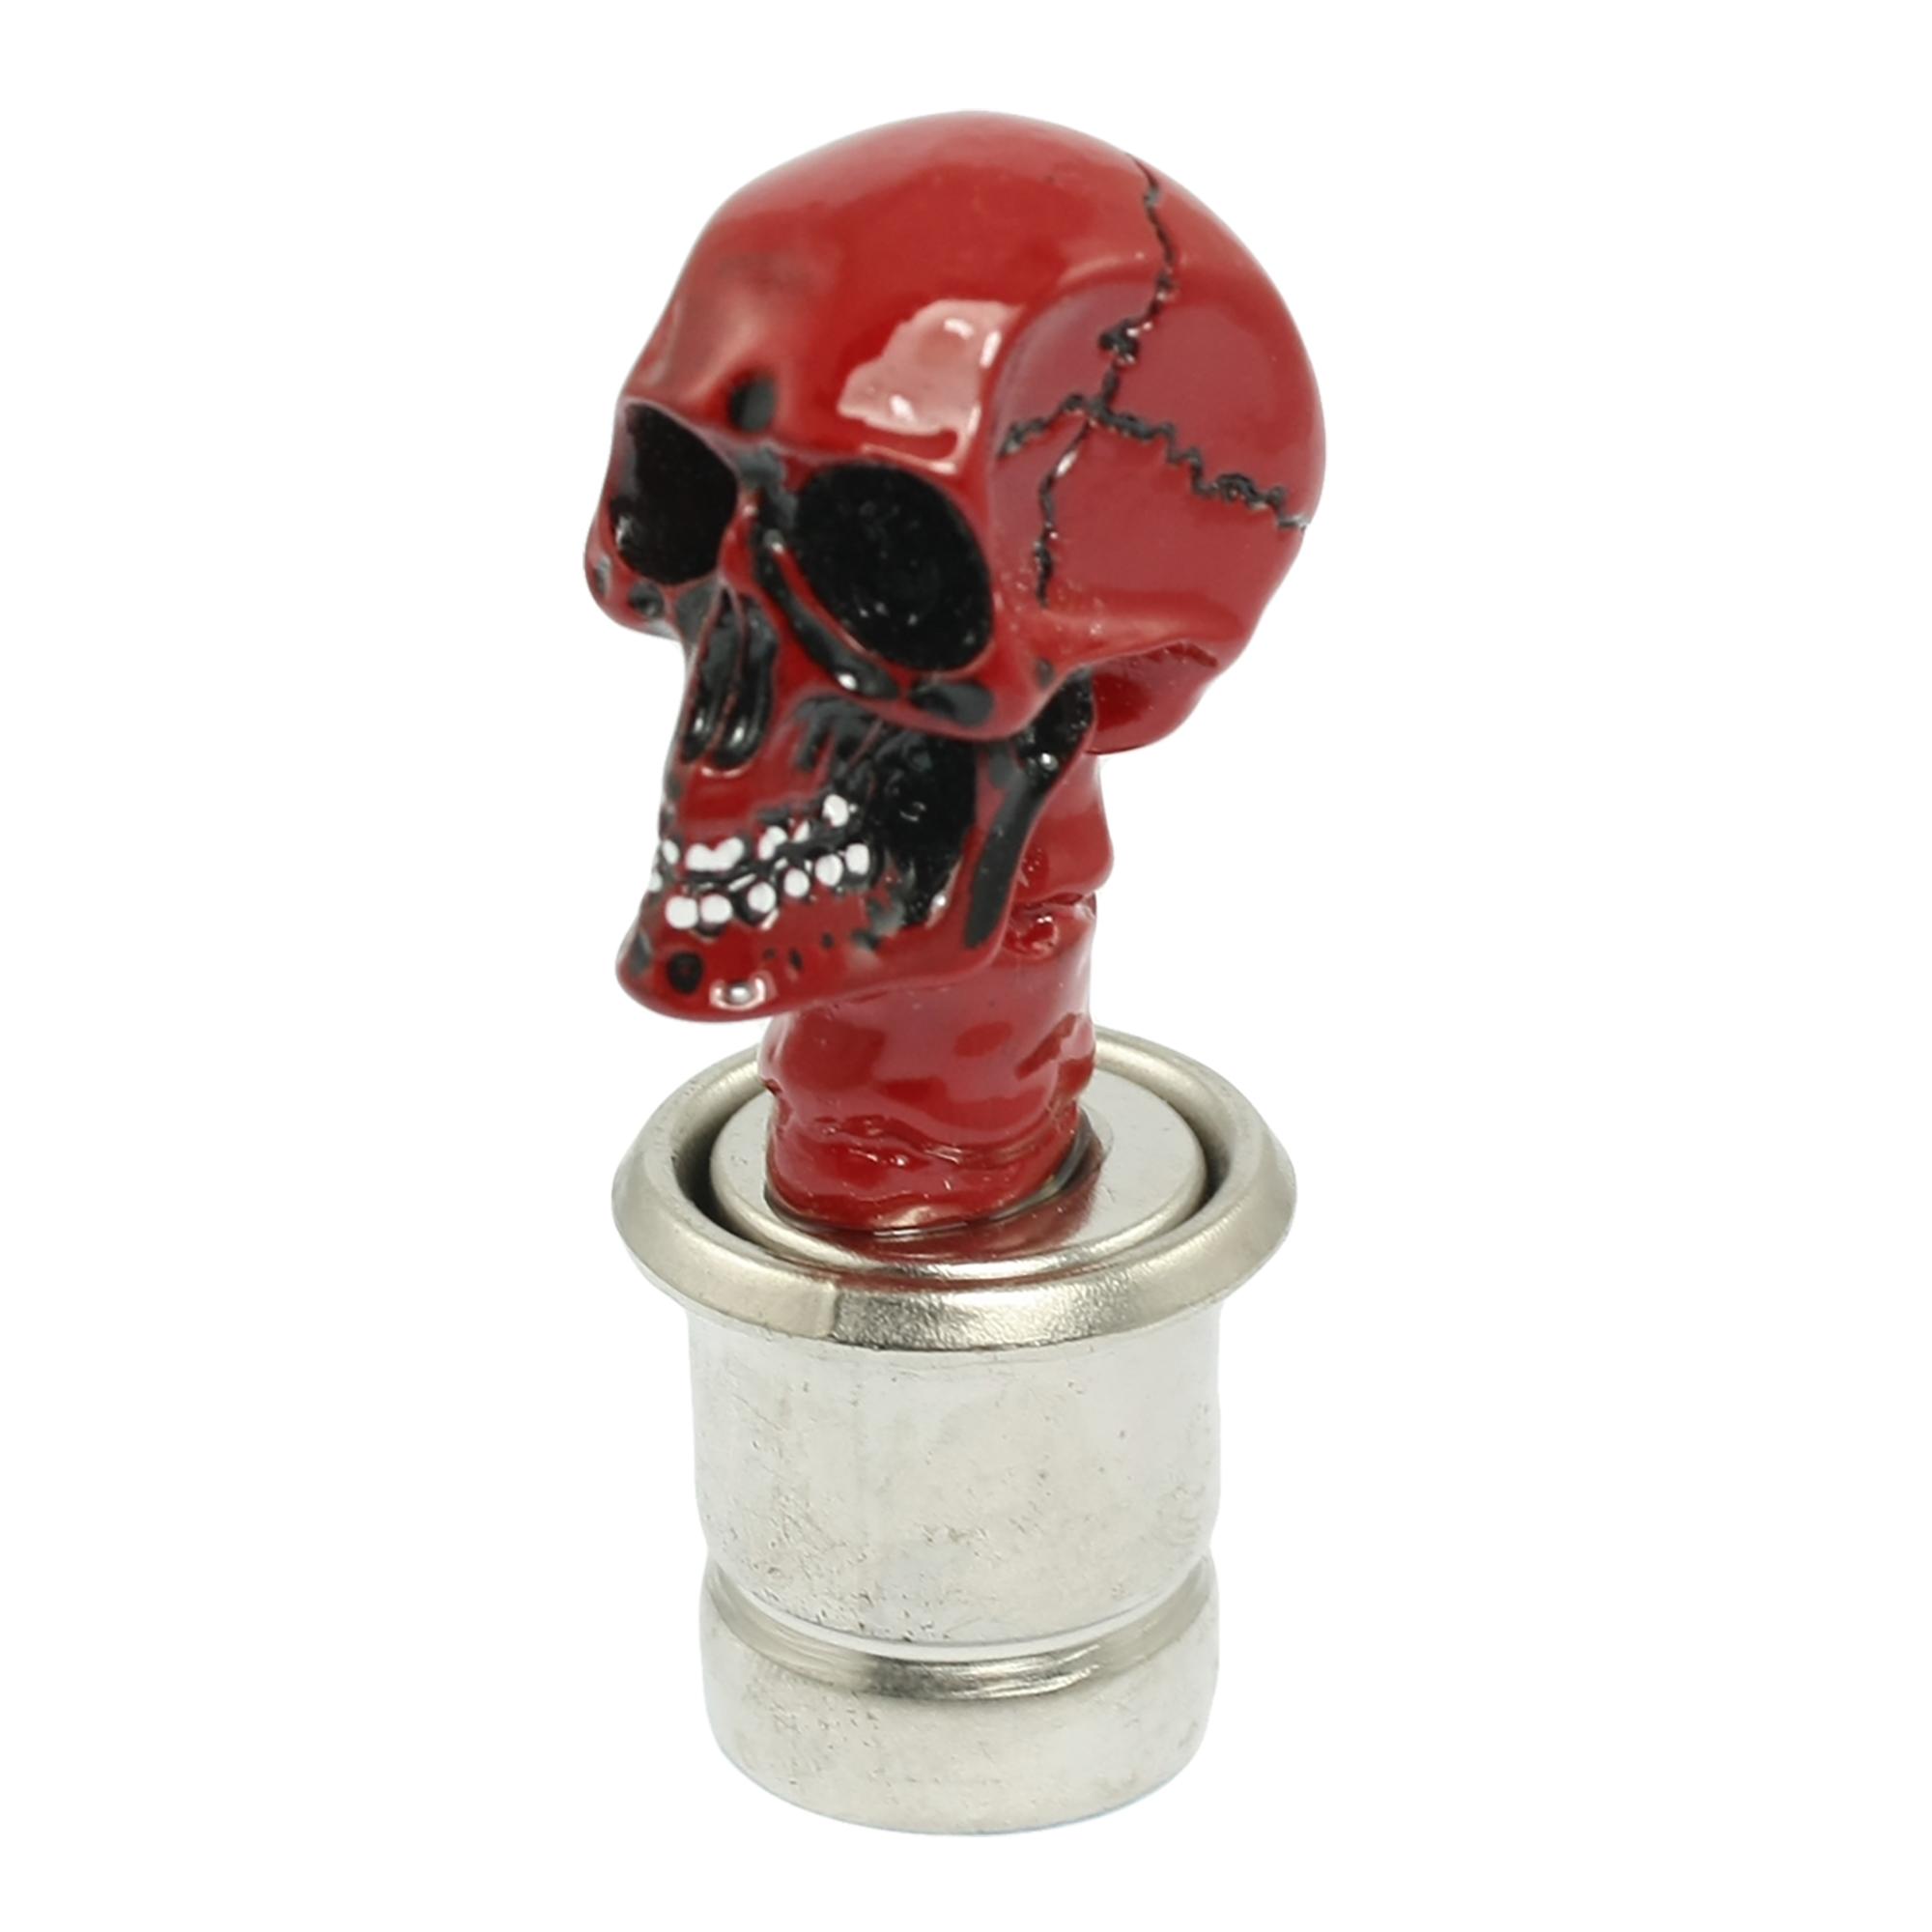 Red Ceramic Skull Head Accent Auto Car Cigarette Lighter DC 12V